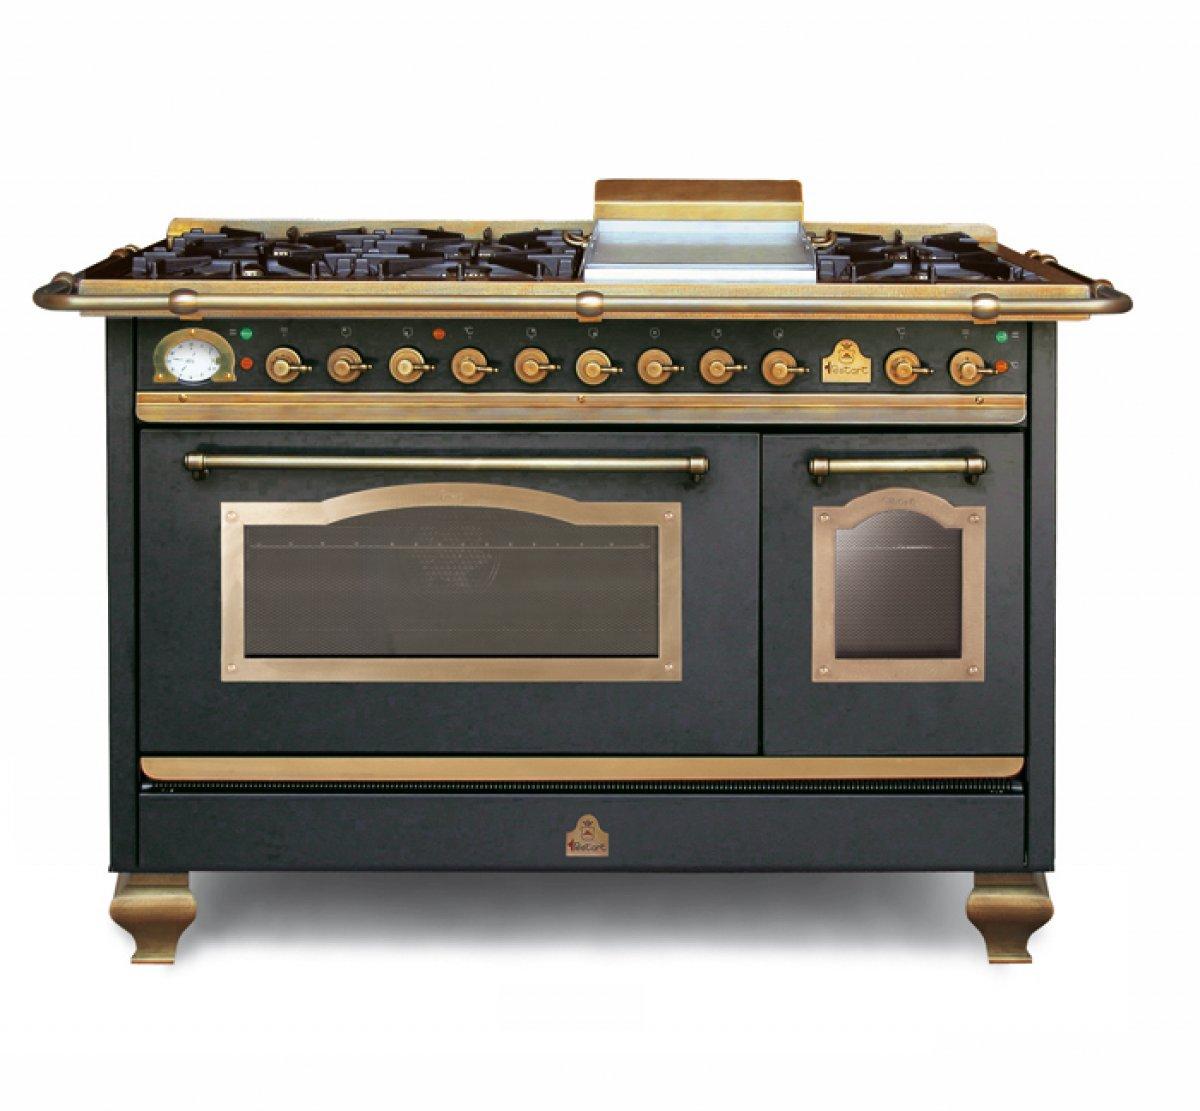 Come scegliere il forno per la cucina consigli ed esempi - Cucina a gas da 90 ...